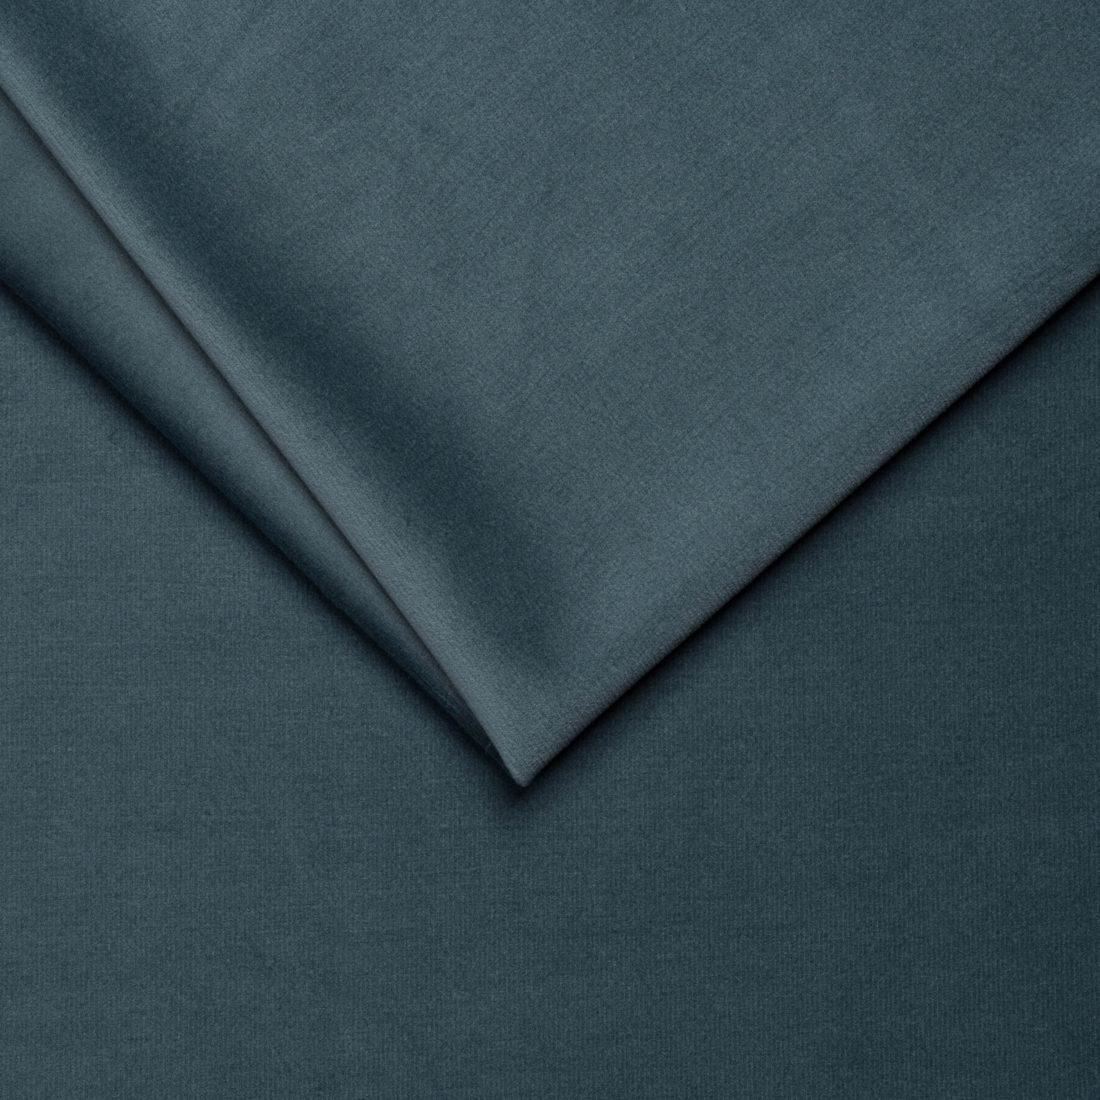 Мебельная ткань Velluto 12 Azur, велюр